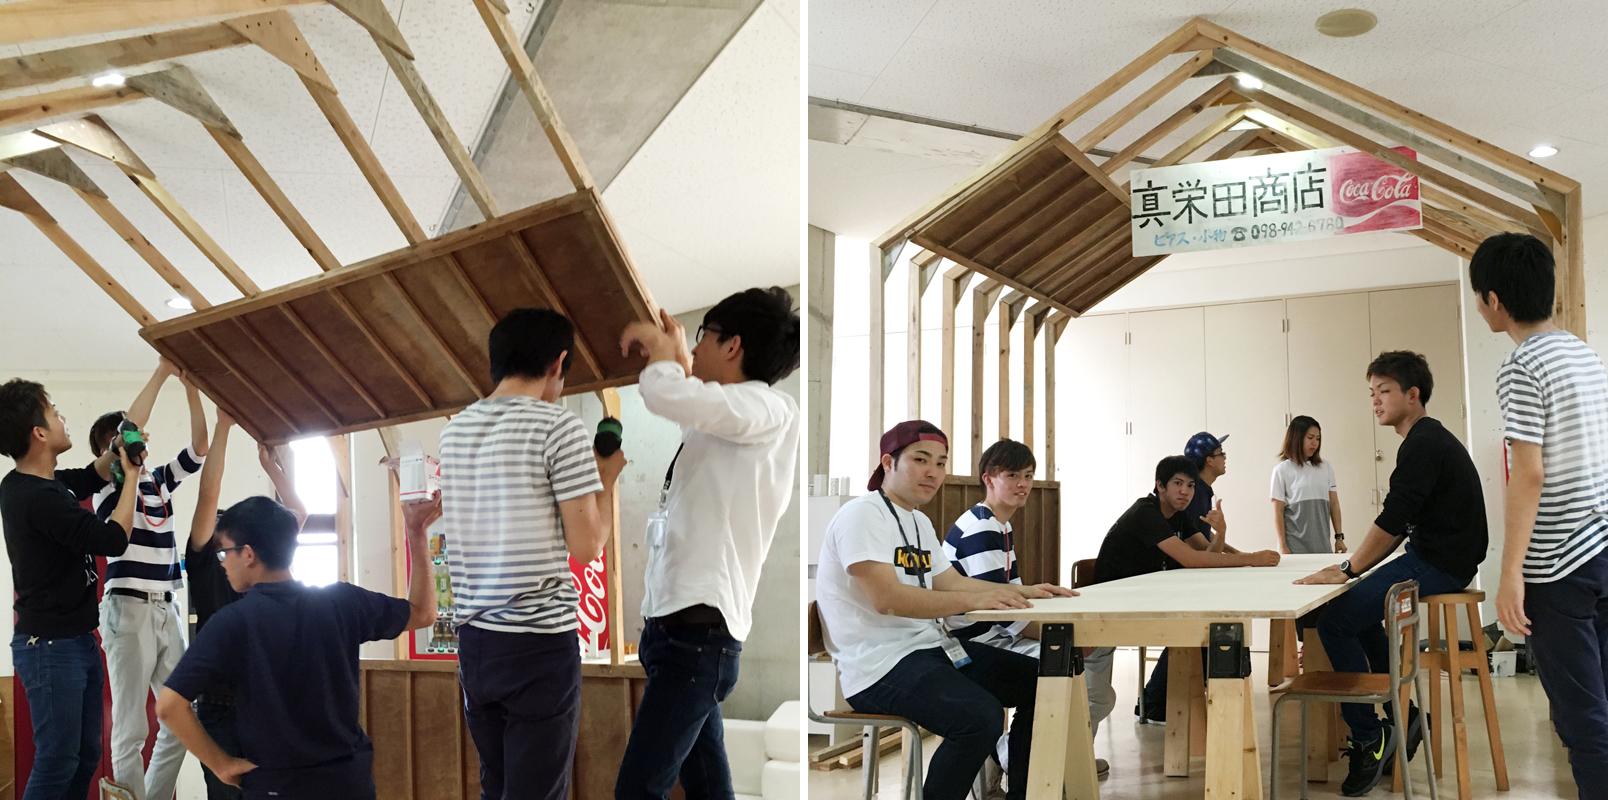 ①廃材を組み合わせる。初めて工具を扱う生徒もいる。 ②モジュールを組み合わせながら、構造について実践的に学ぶ。 ③部材を固定させる。今回は解体現場の古建具を活用した=上写真。 ④レイアウトする。1時間で完成した=左写真。